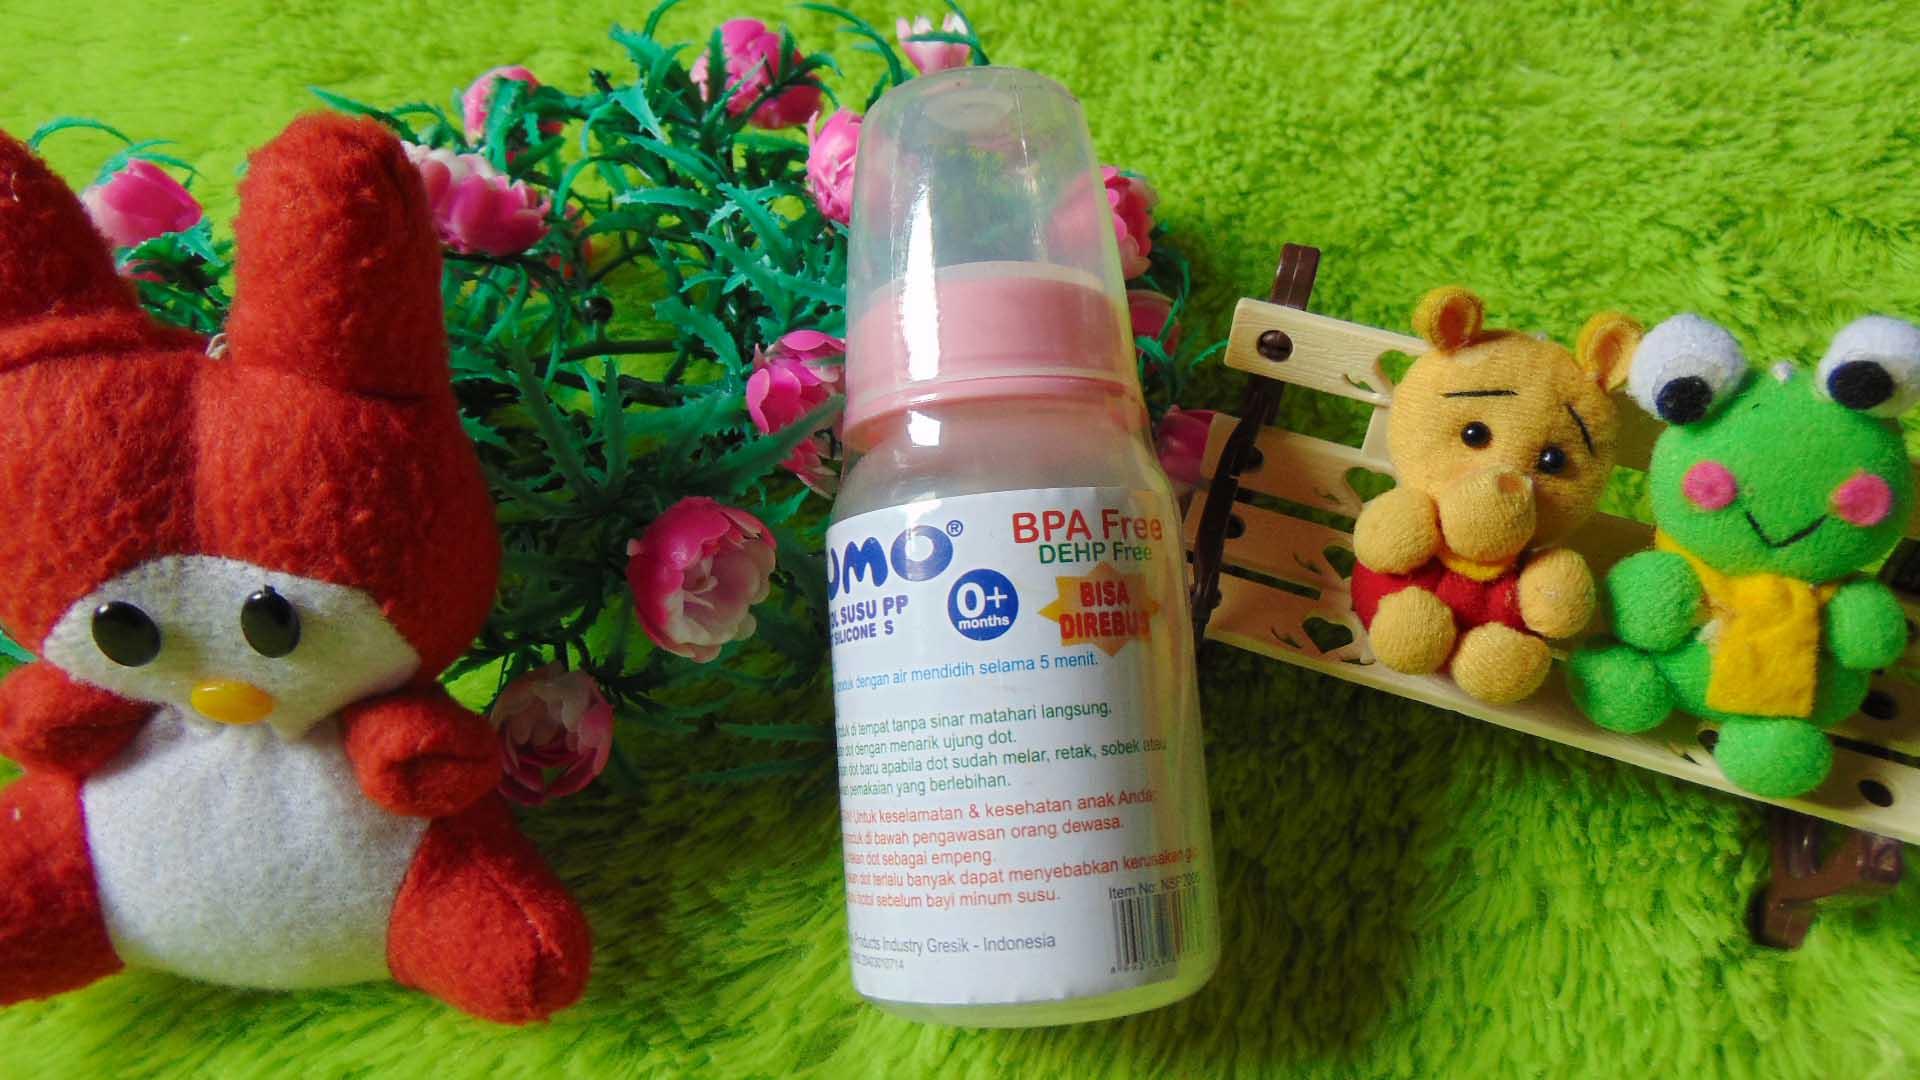 TERMURAH Kado Bayi Botol Dot Susu Bayi Sumo BPA FREE DEHP FREE Warna Pink (2)